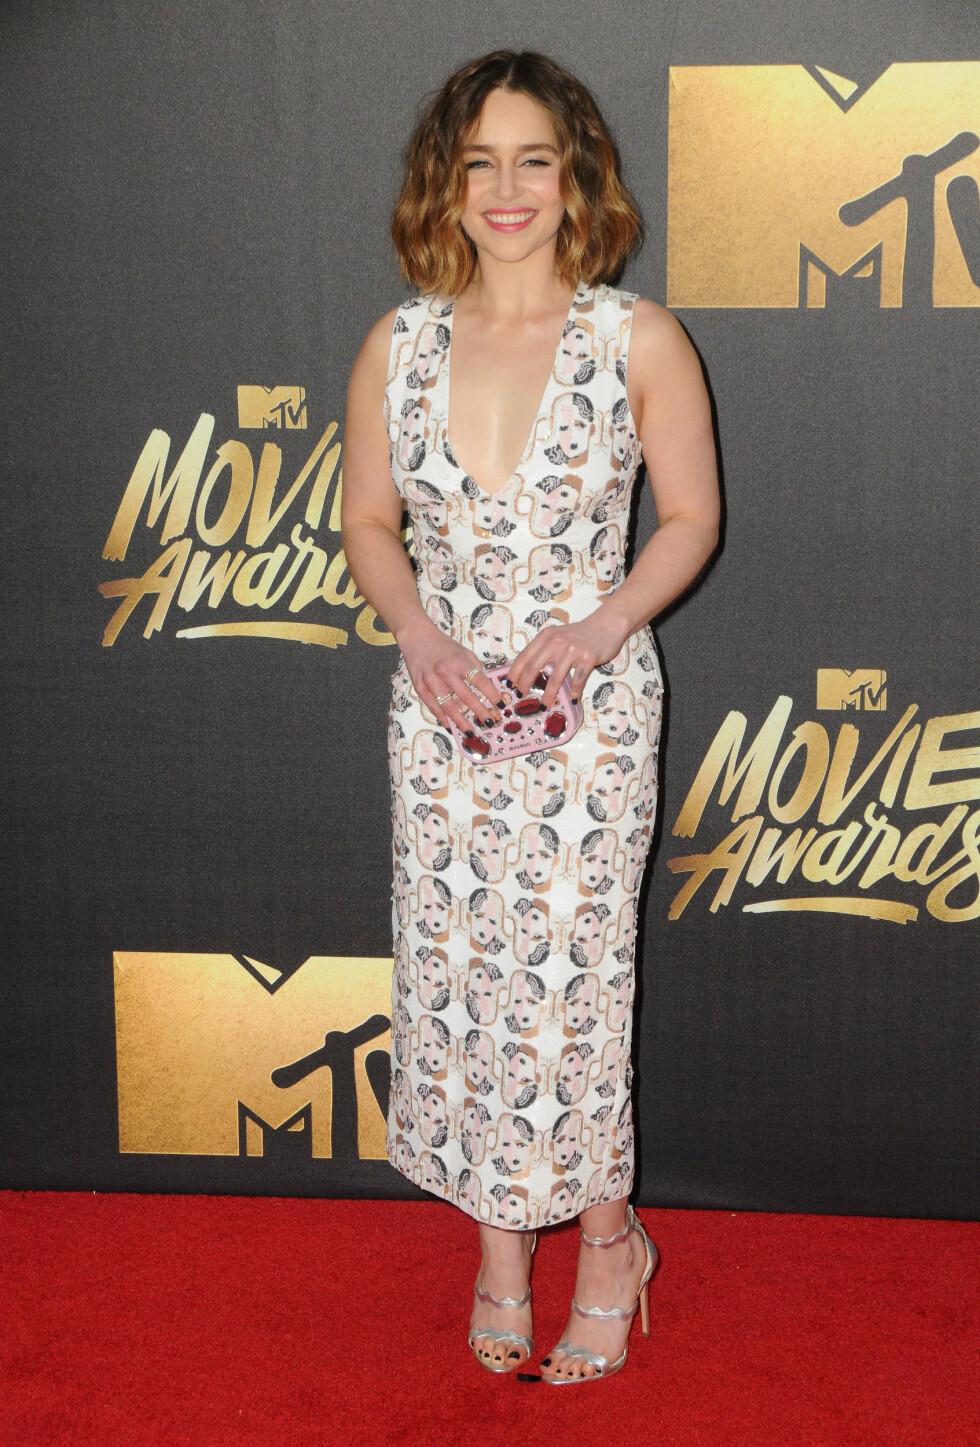 <strong>KOM I «GAME OF THRONES»-KJOLE:</strong> Emilia Clarke - som spiller rollen som Danerys Tagaryen- kom med en kjole full av ansikter, som ifølge henne spiller en sentral rolle i den nye sesongen. Foto: SipaUSA